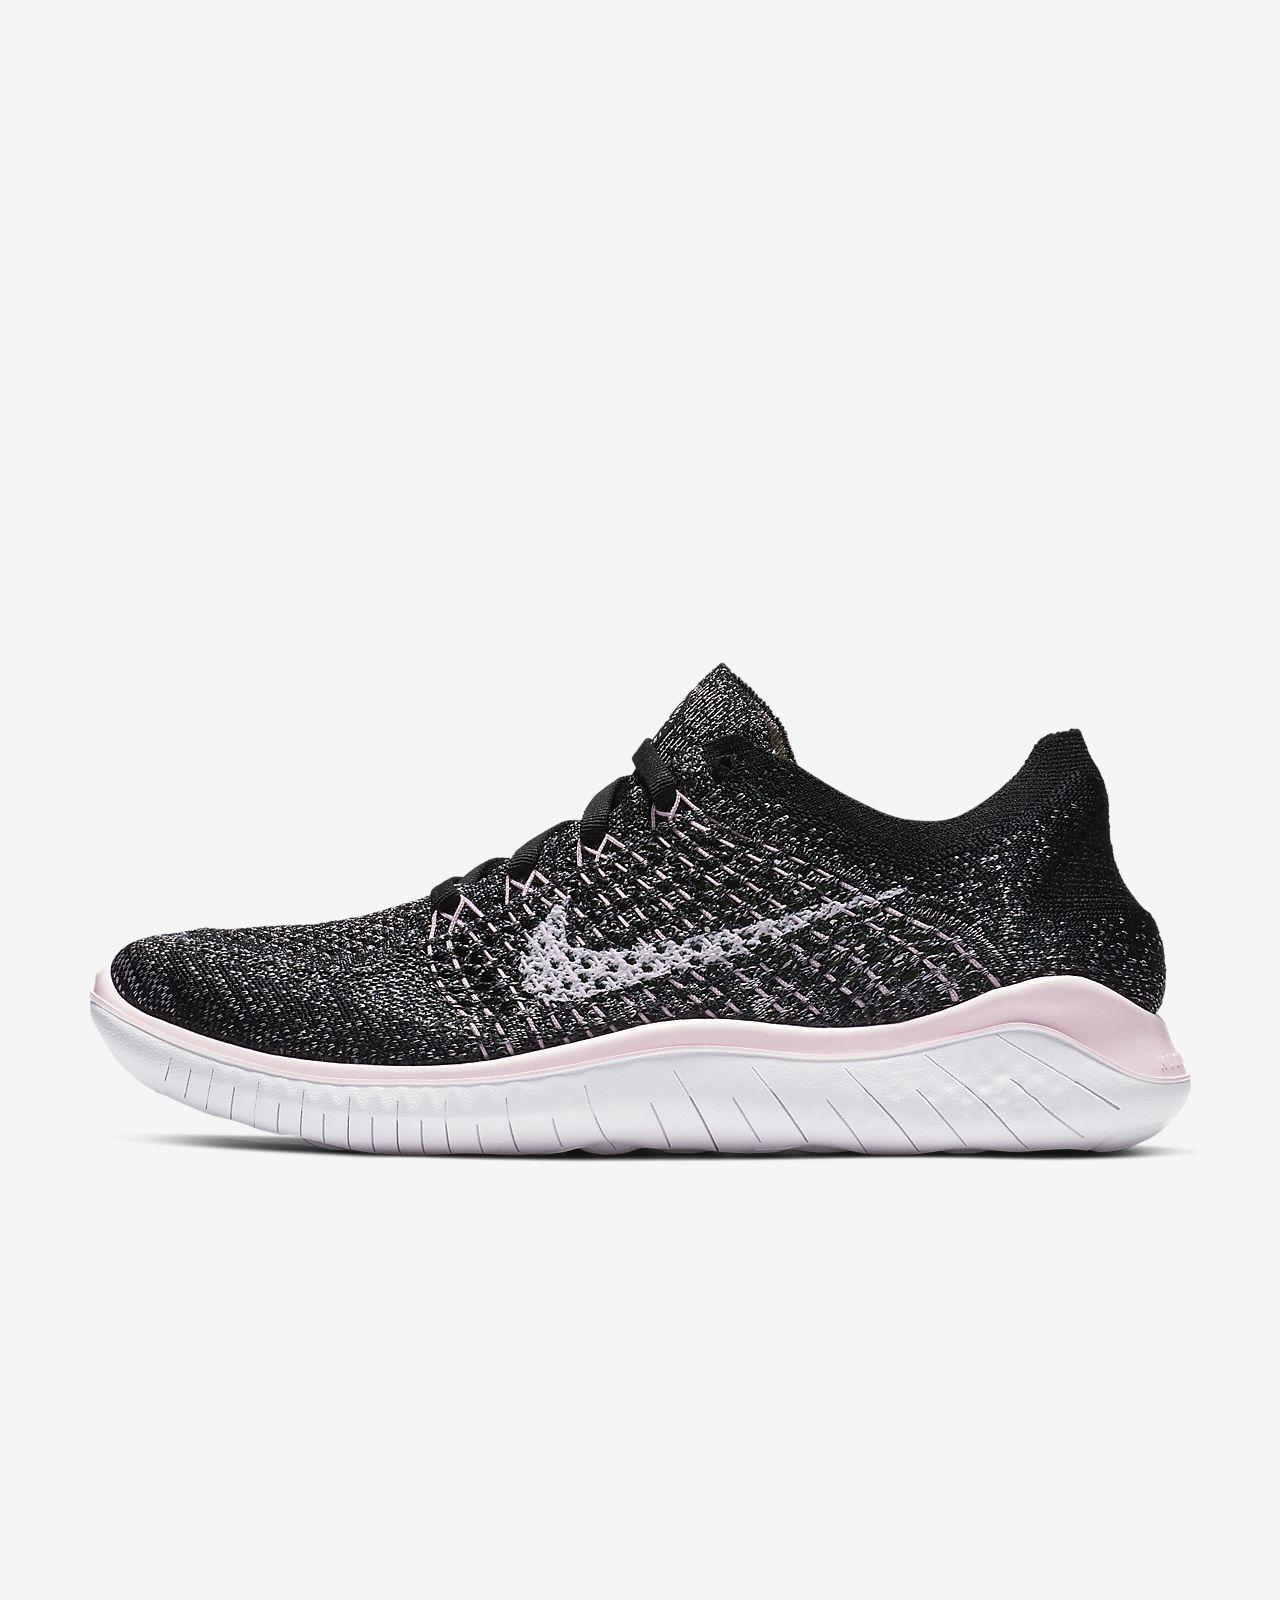 b48b7f26421 Nike Free RN Flyknit 2018 Women s Running Shoe. Nike.com